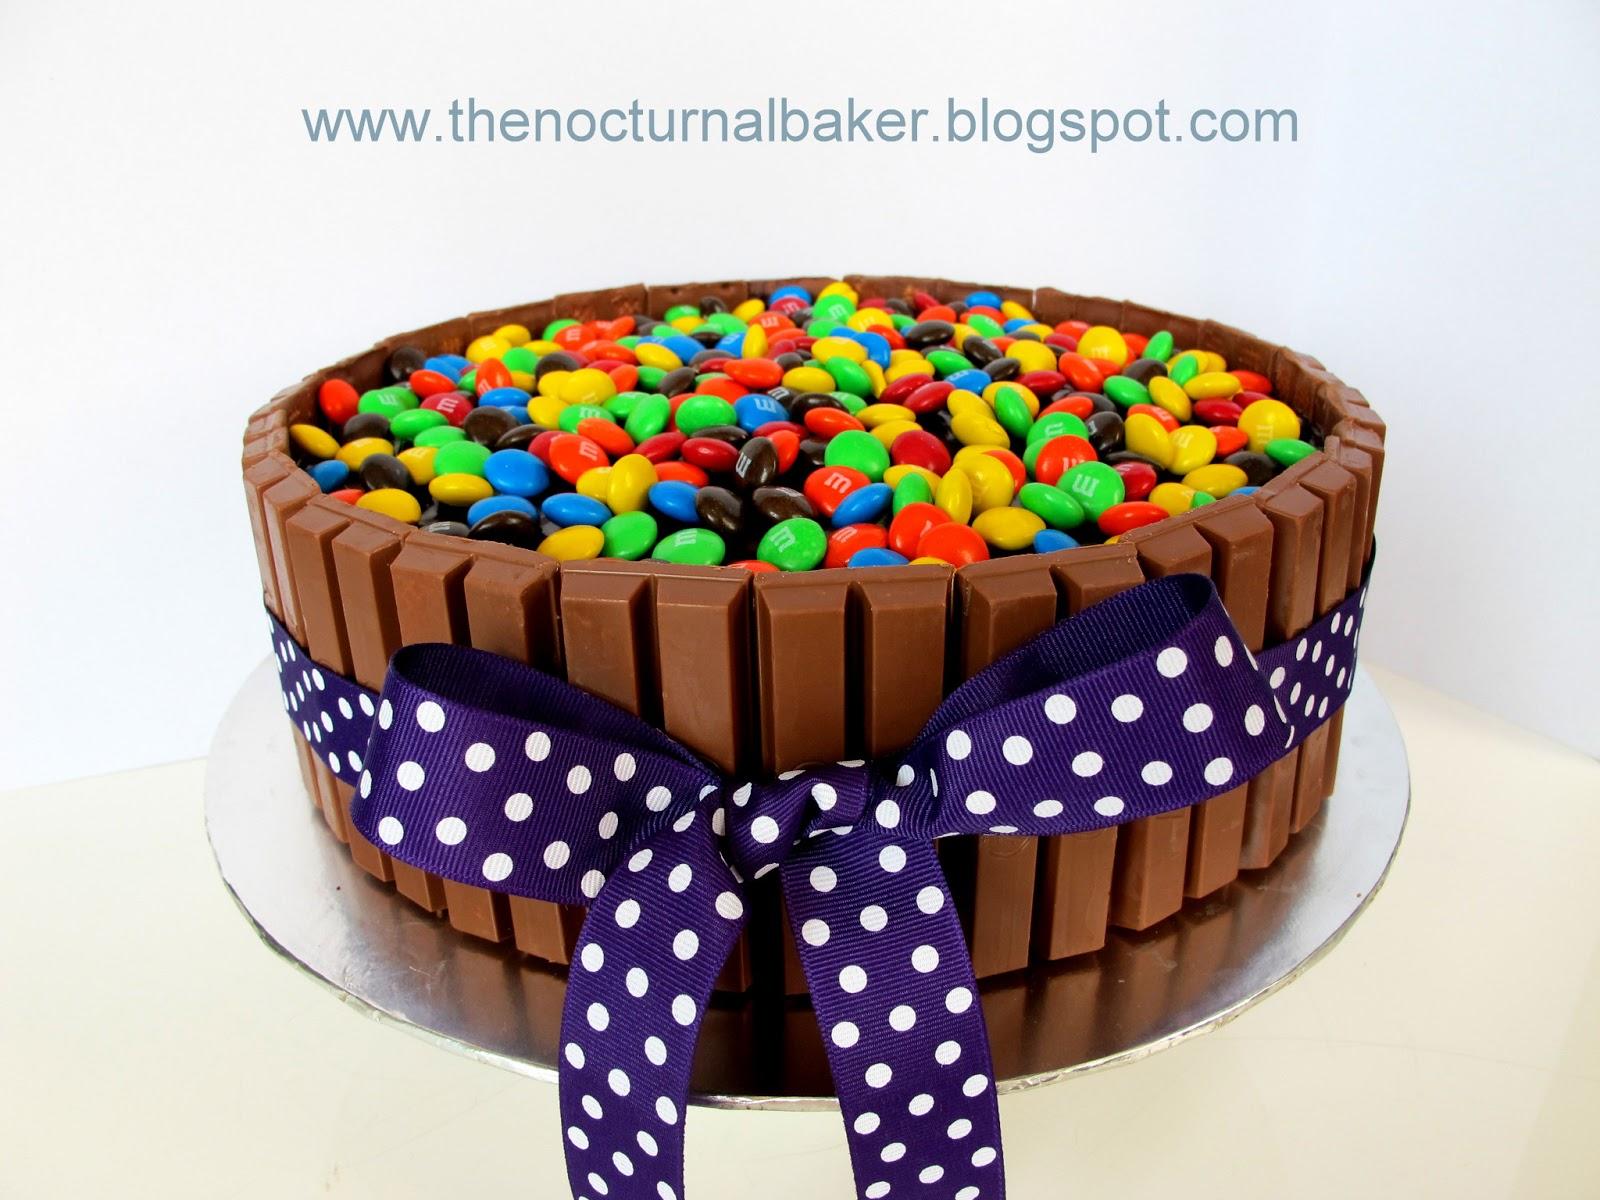 The Nocturnal Baker Kit Kat cake